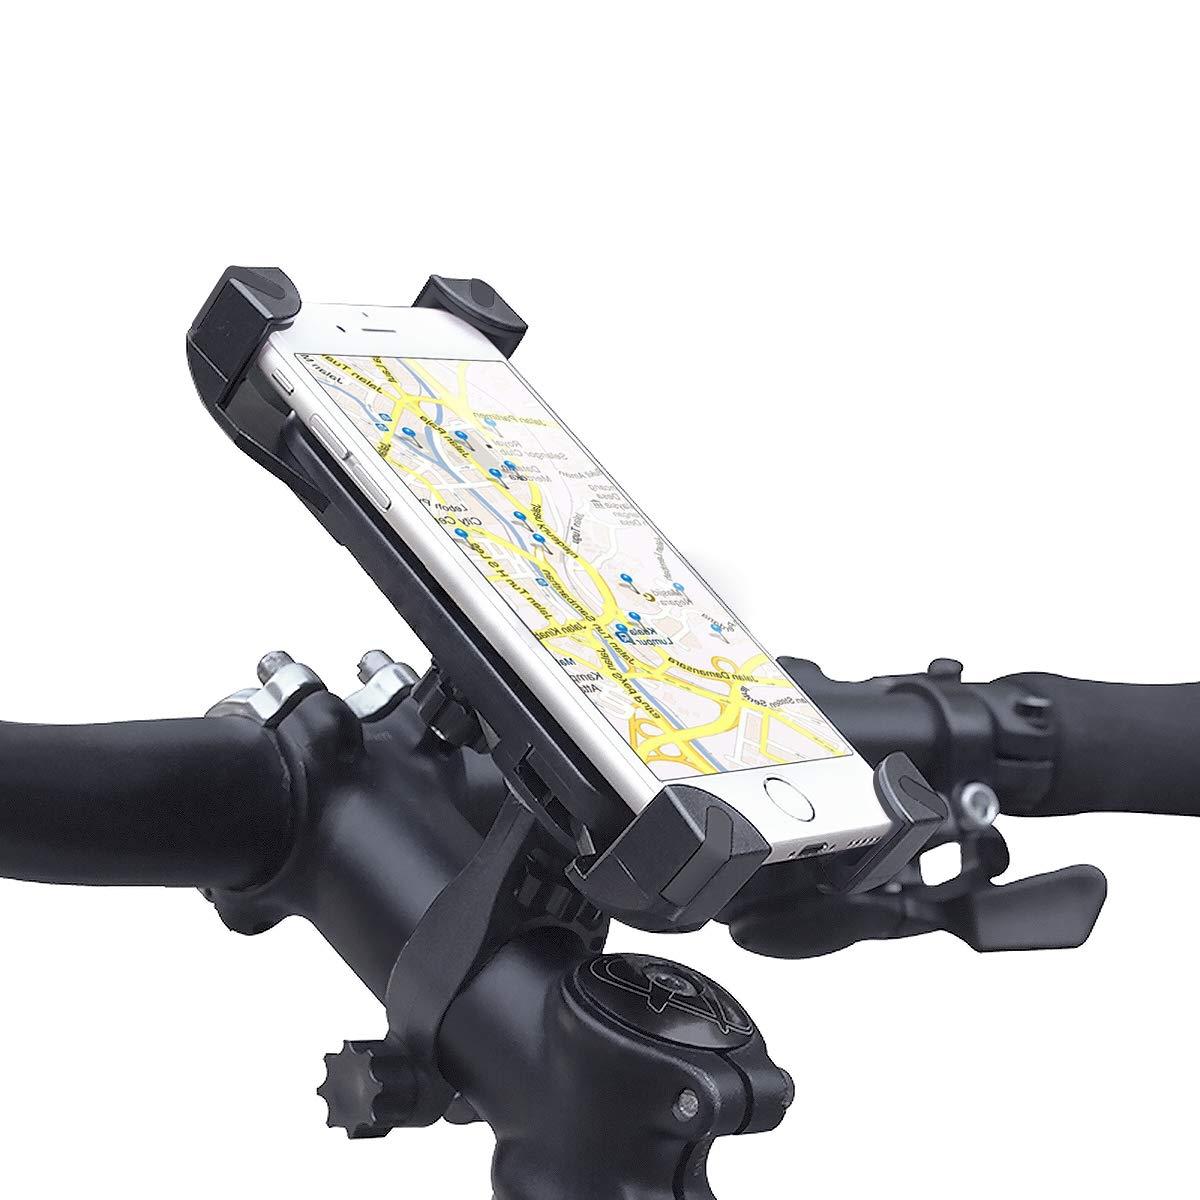 BH005 -Schwarz Fahrrad Handyhalterung MEACOM Handyhalterung Fahrrad Motorrad Handy Halter Fahrradhalterung mit Silikon-Band 360/° Drehbare Handysbreite Outdoor 8.89-15.24cm f/ür Handy und GPS